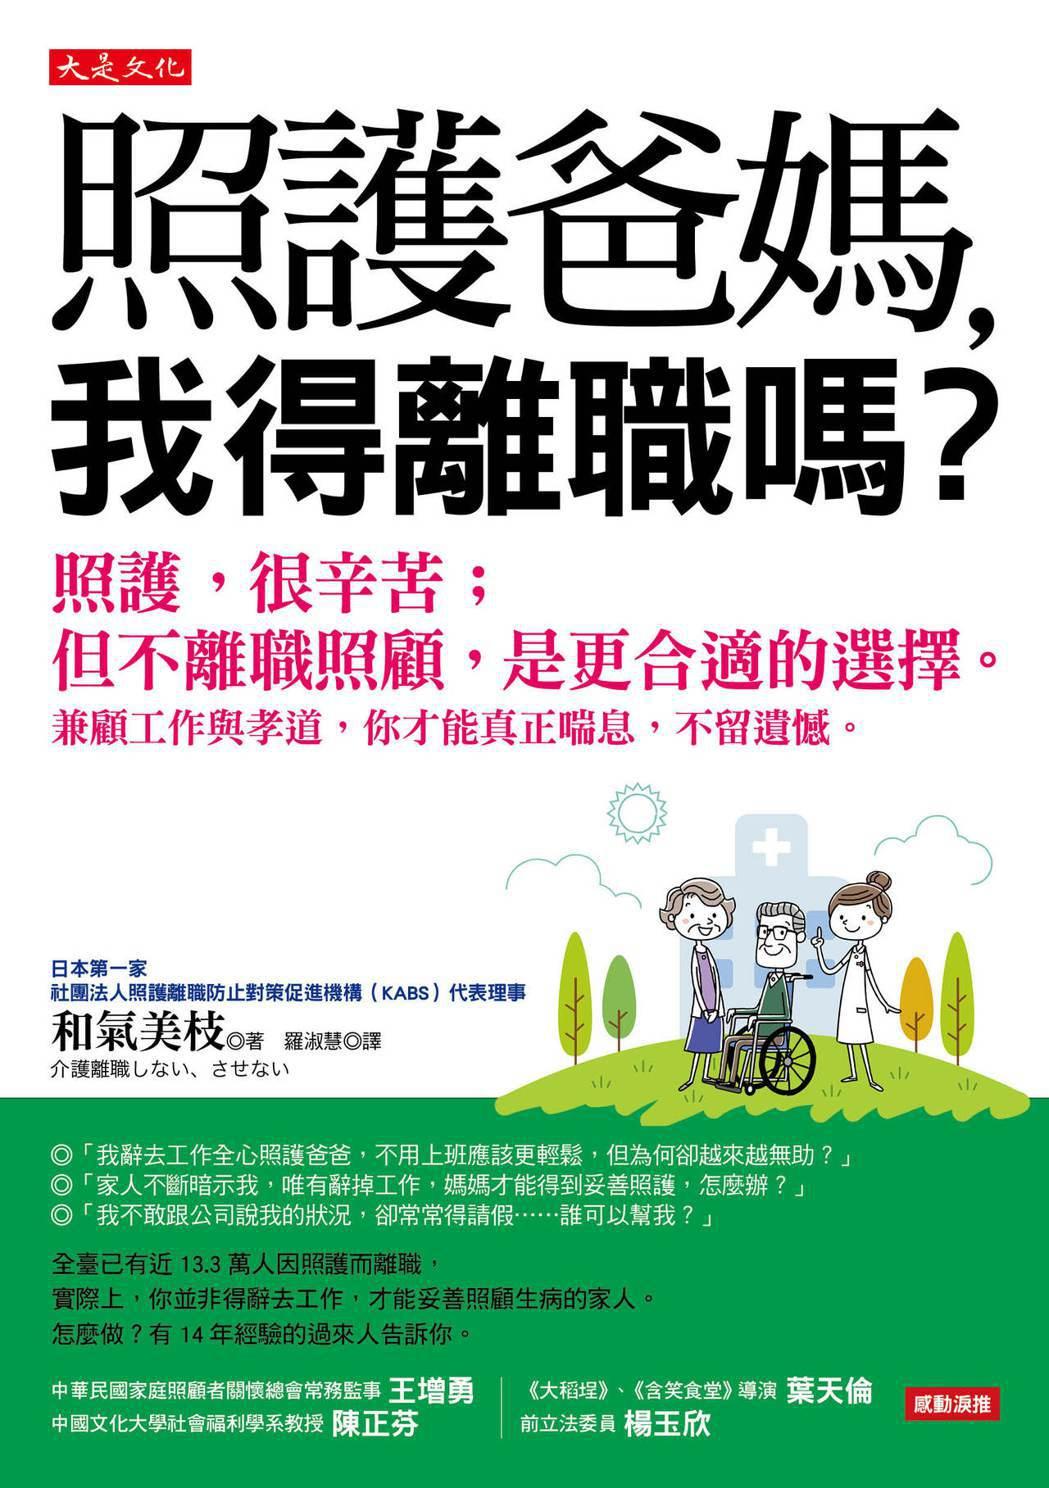 日本討論照護離職議題的話題書 「照護爸媽,我得離職嗎?」圖/大是文化提供